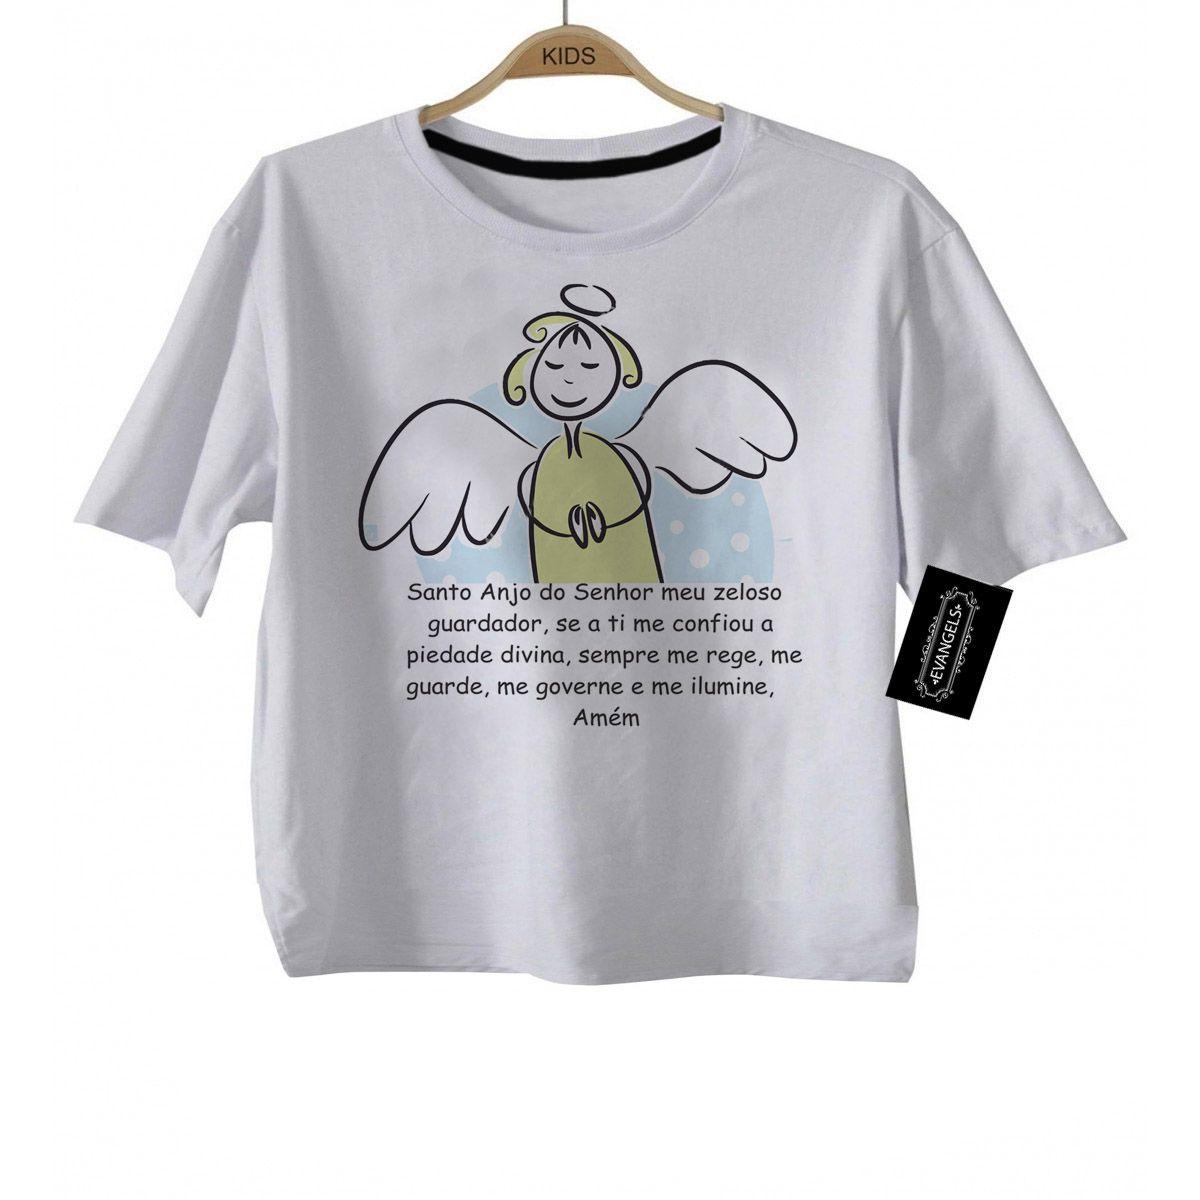 Camiseta Kids  Católica Santo Anjo - white  - Baby Monster - Body Bebe